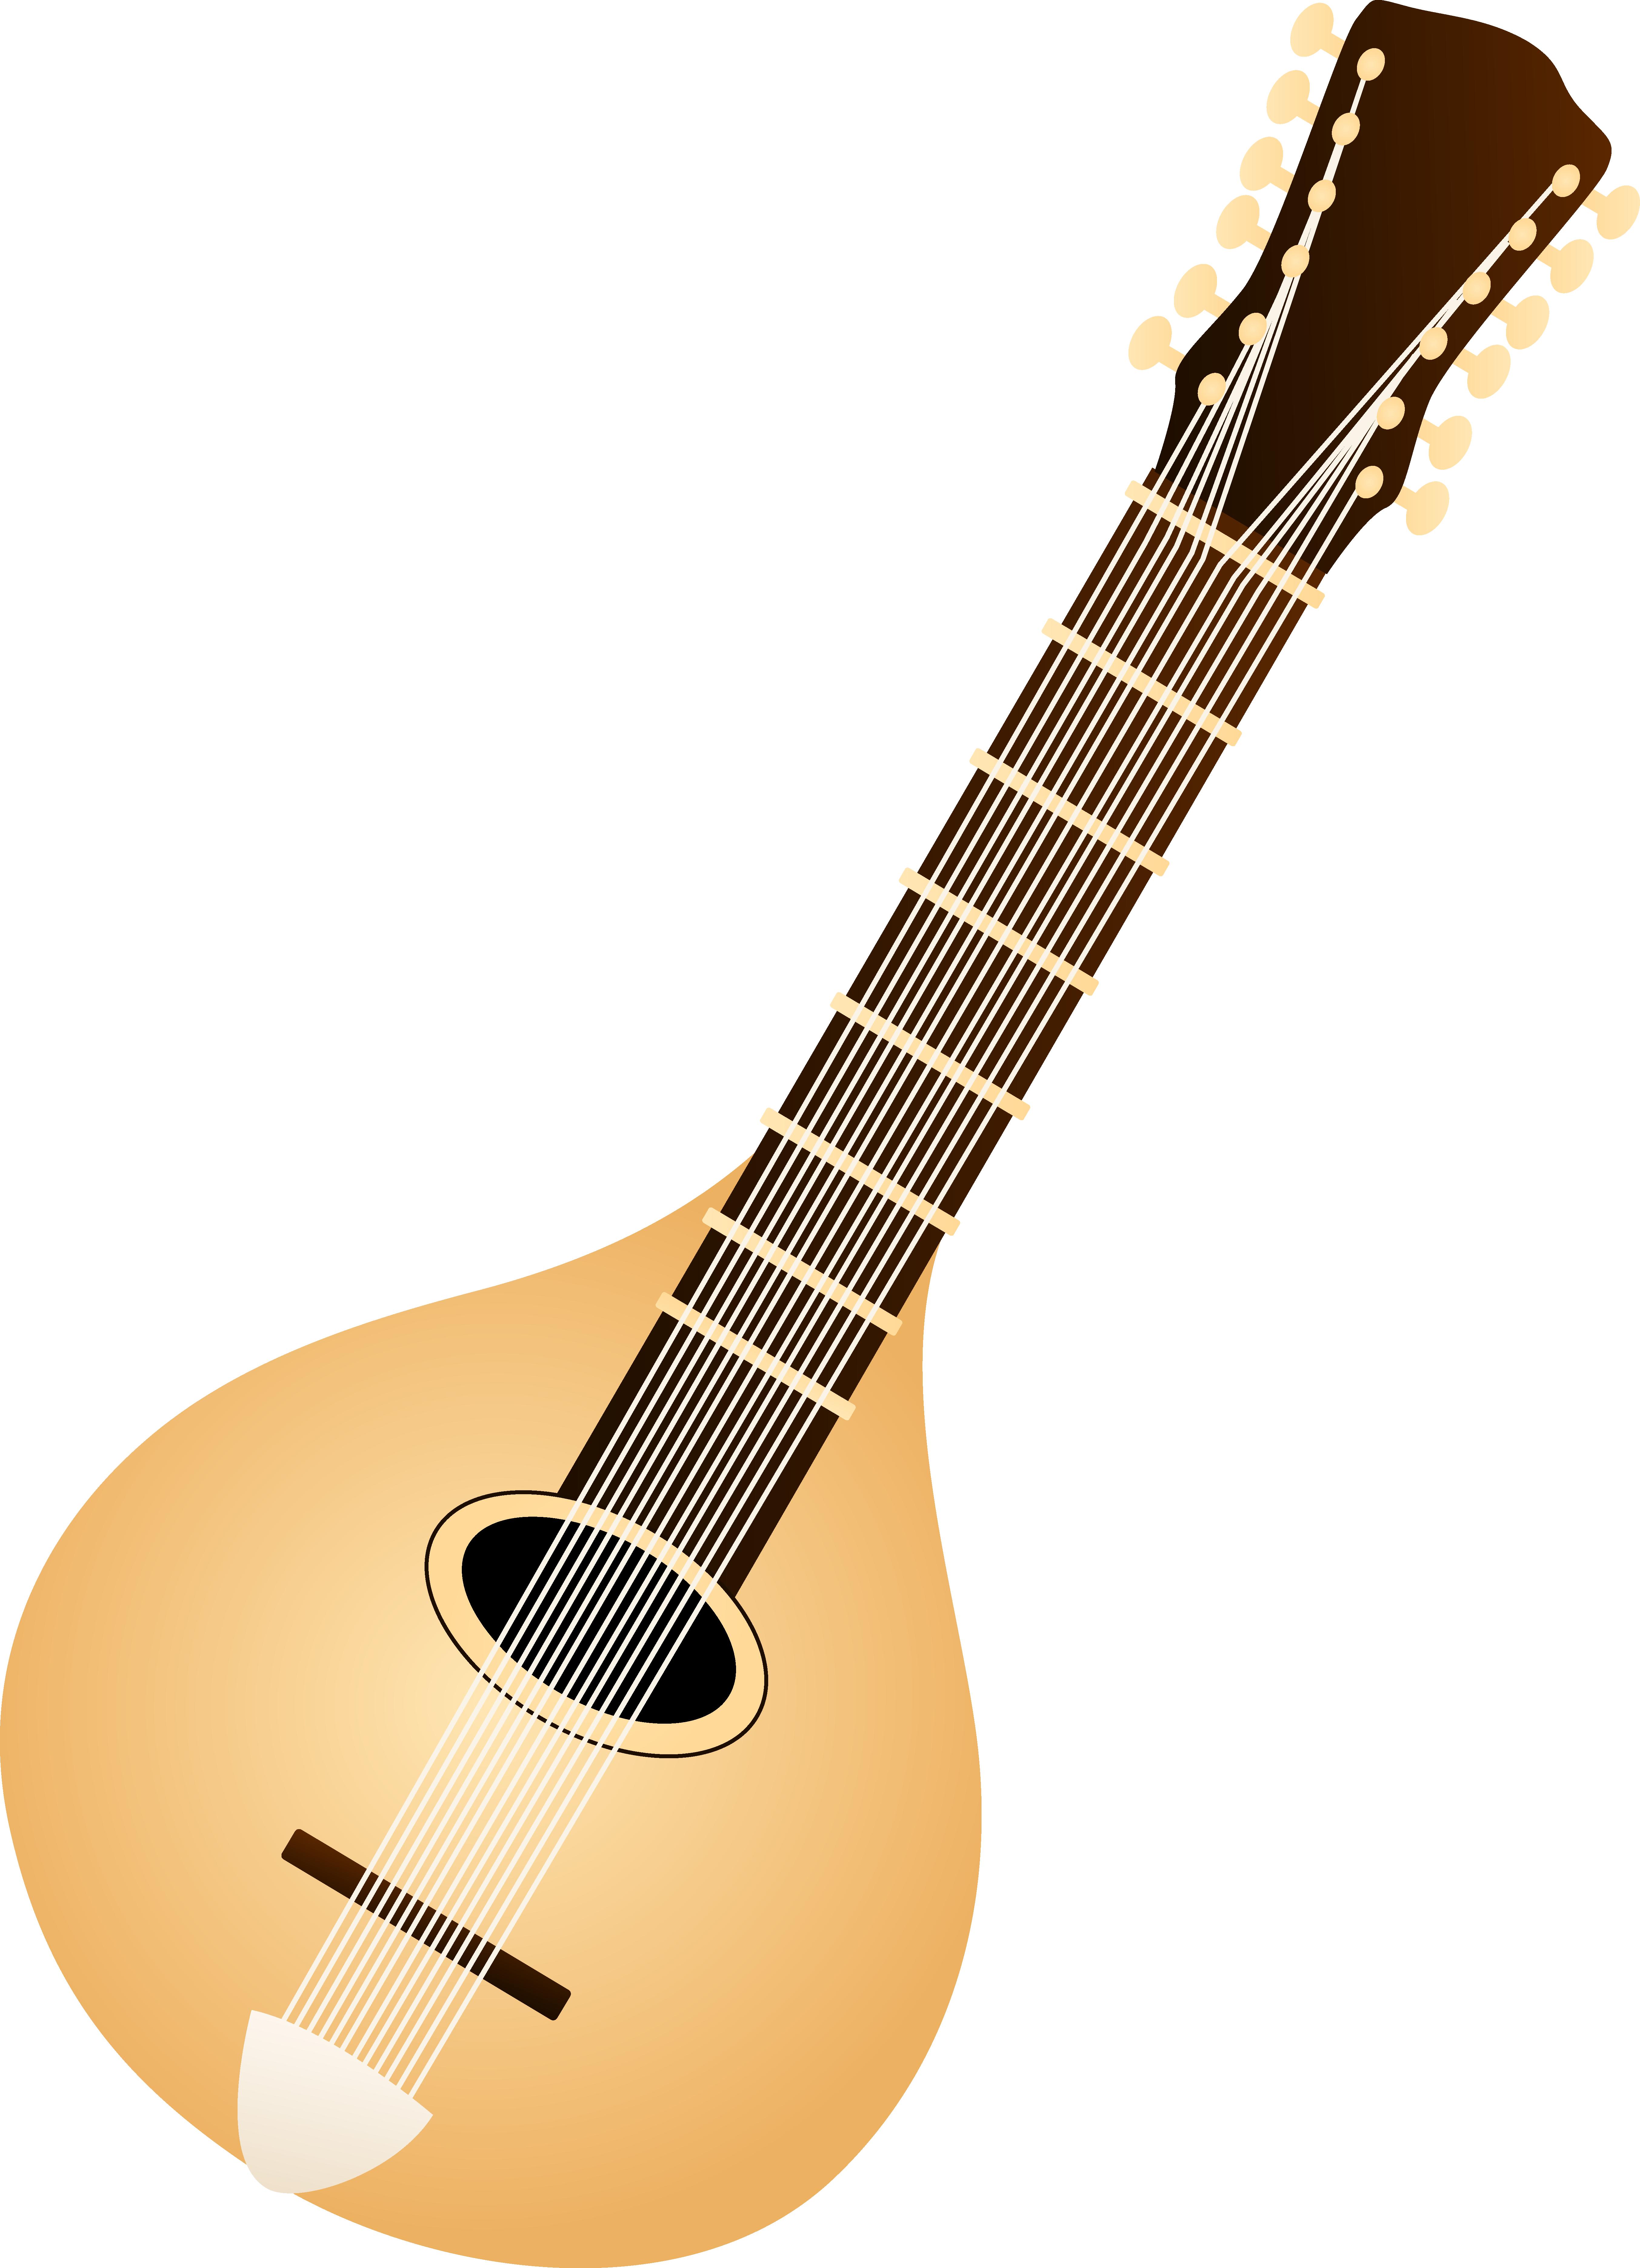 5412x7483 Classic Mandolin Design